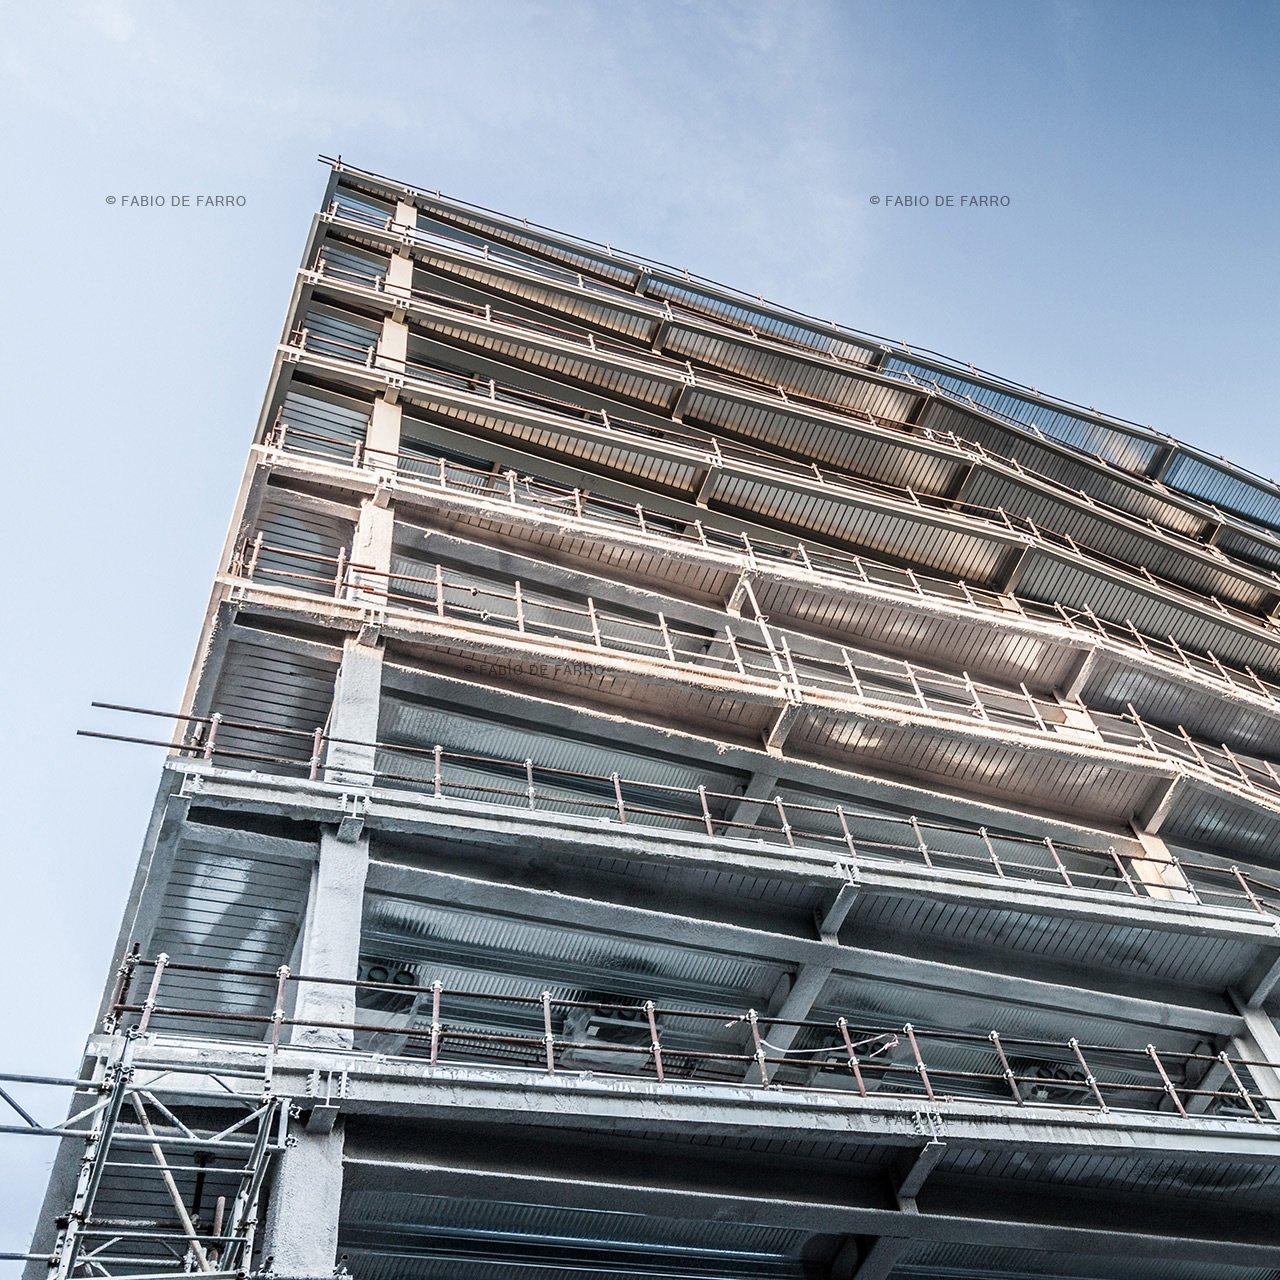 Construction Photography of Office Building - Rome Italy © Fabio De Farro